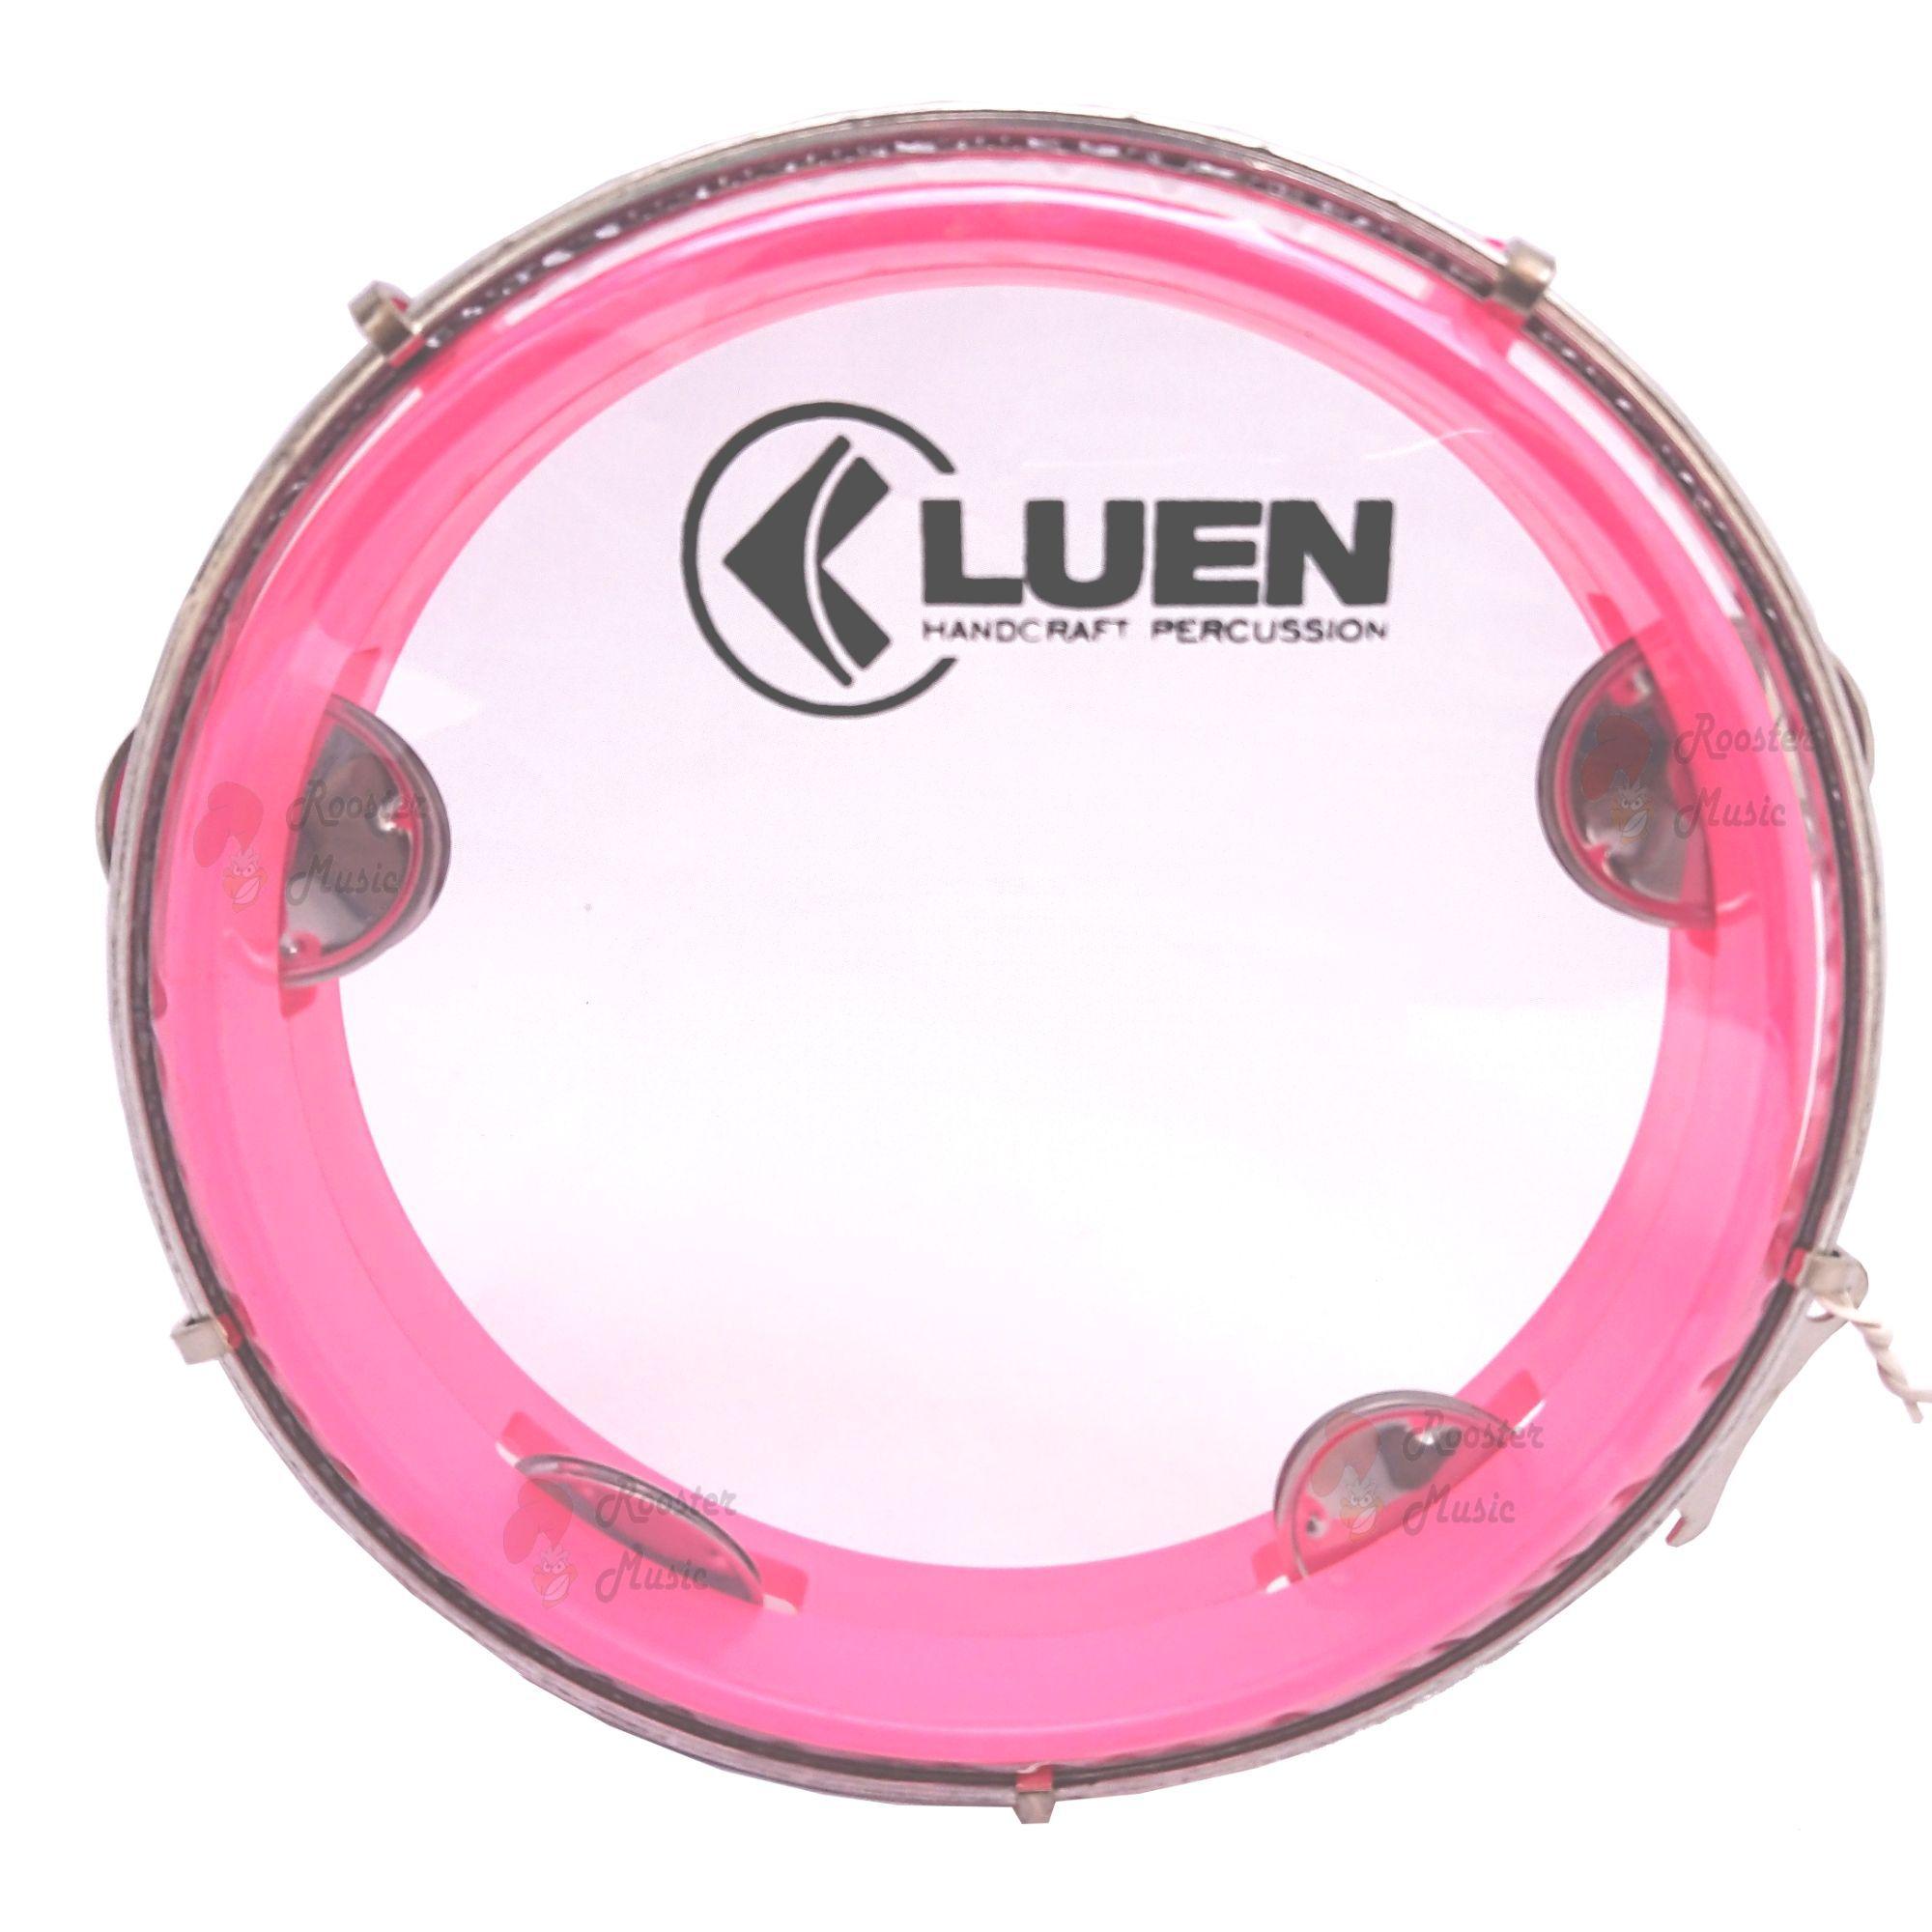 Pandeiro Luen 8 Junior Aro Abs Rosa, Pele Cristal e plat inox. Brinquedo com qualidade profissional